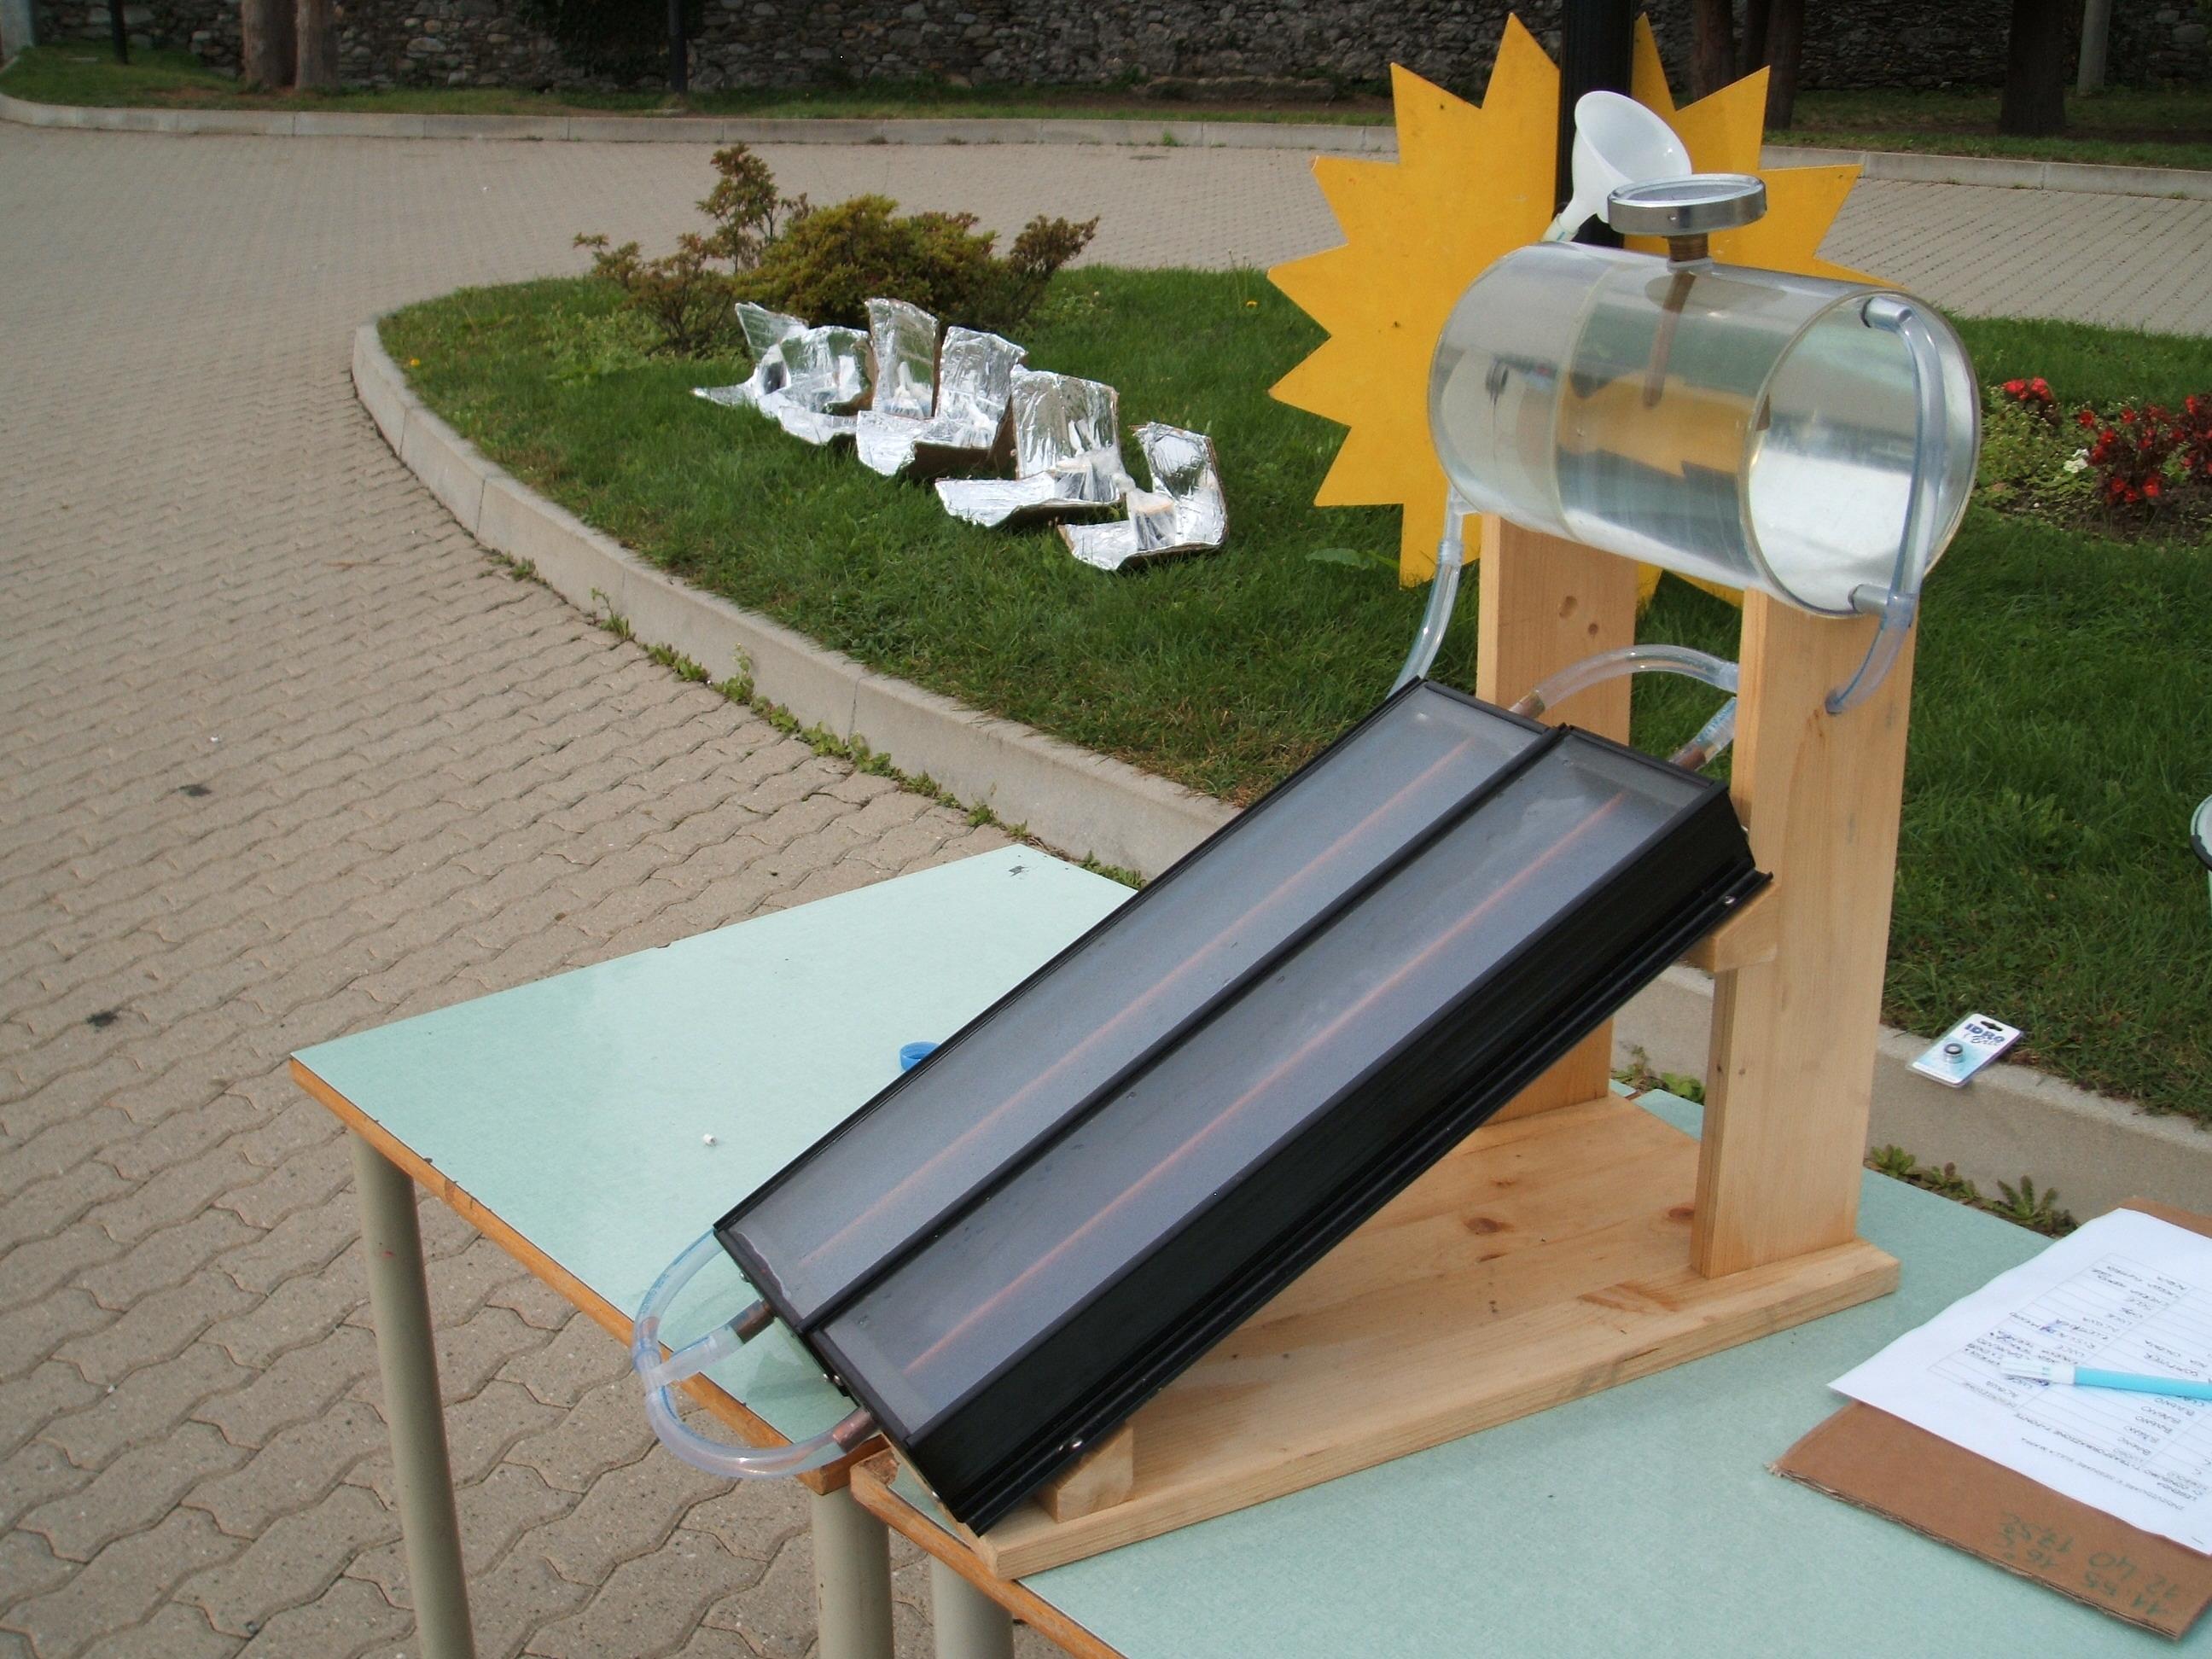 Pannello Solare Termico Kit : Progetto risparmio energetico pannelli solari termici